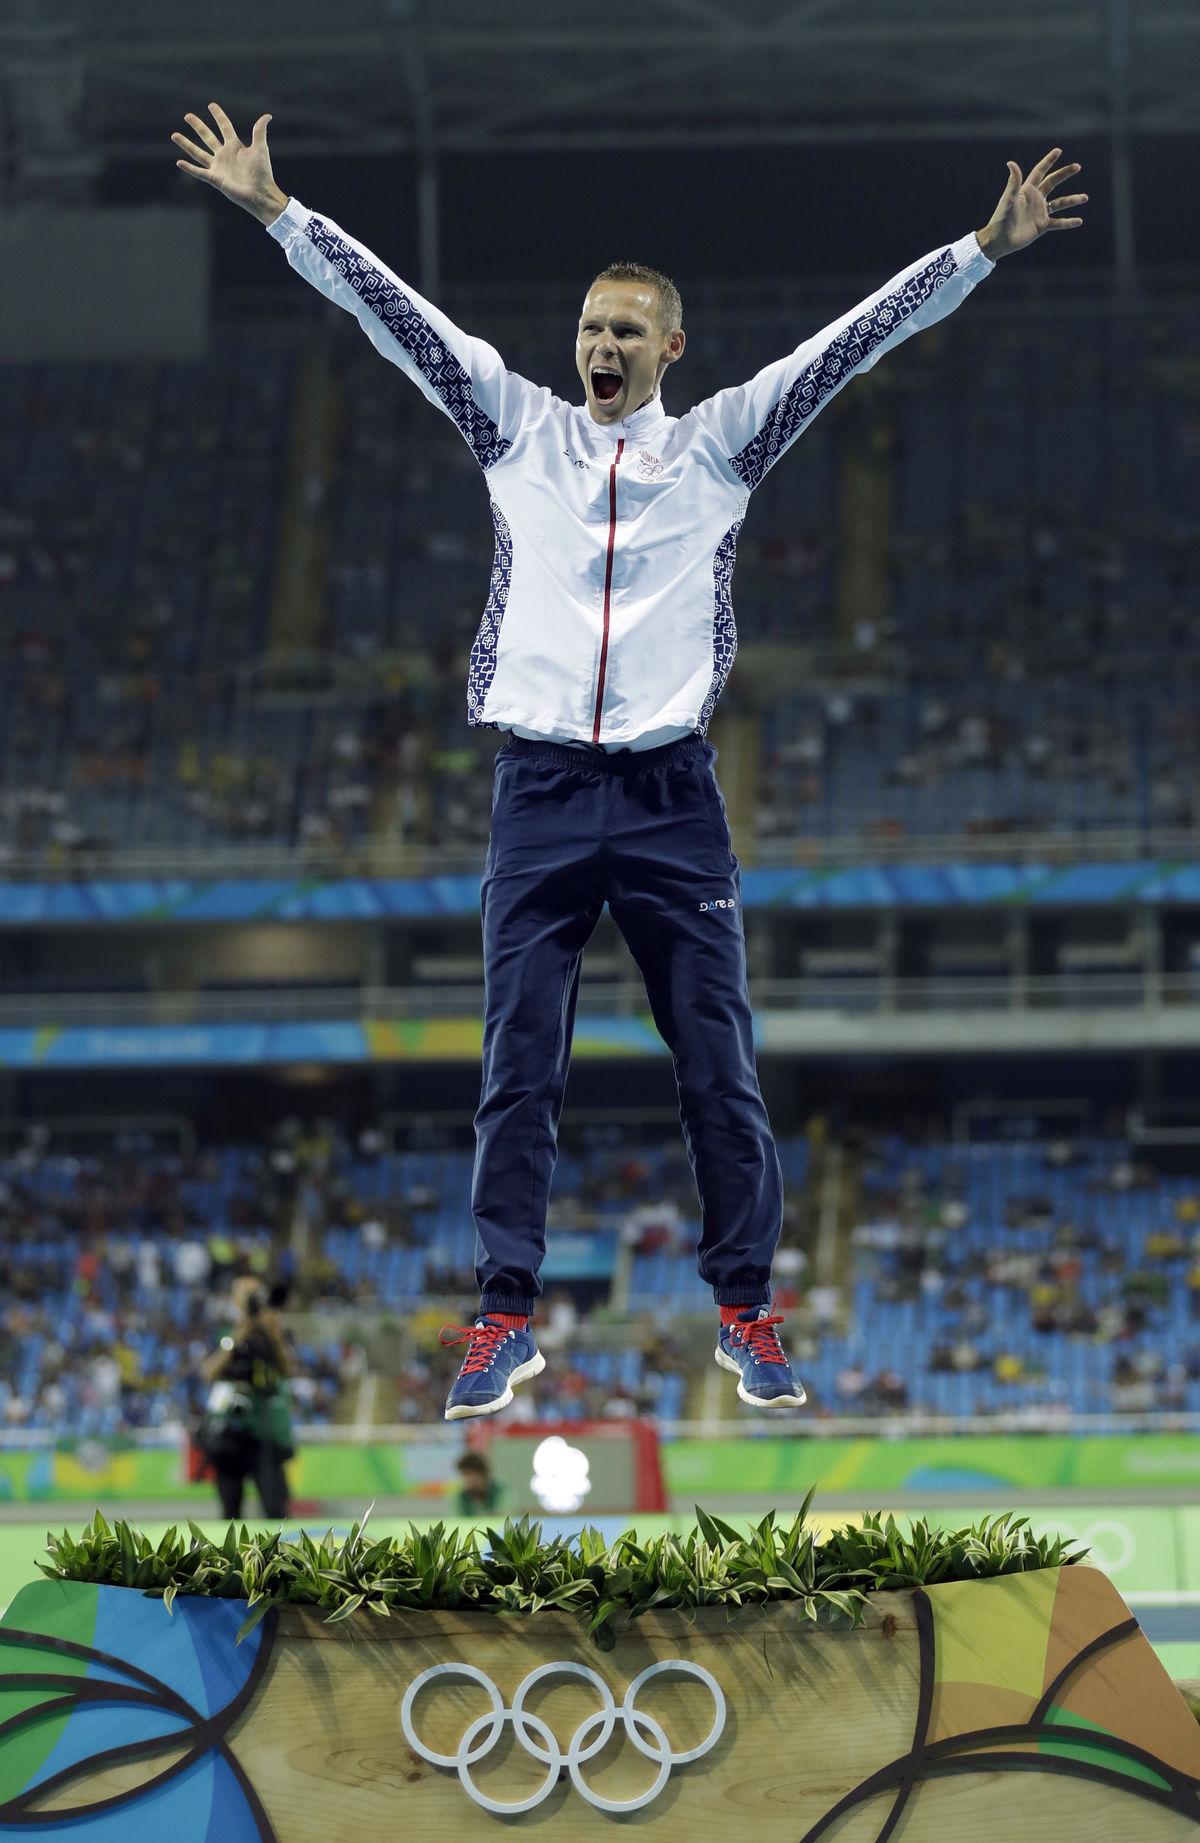 Pódiový výskok zlatého Mateja Tótha pred medailovým ceremoniálom na Olympijskom štadióne v Riu.